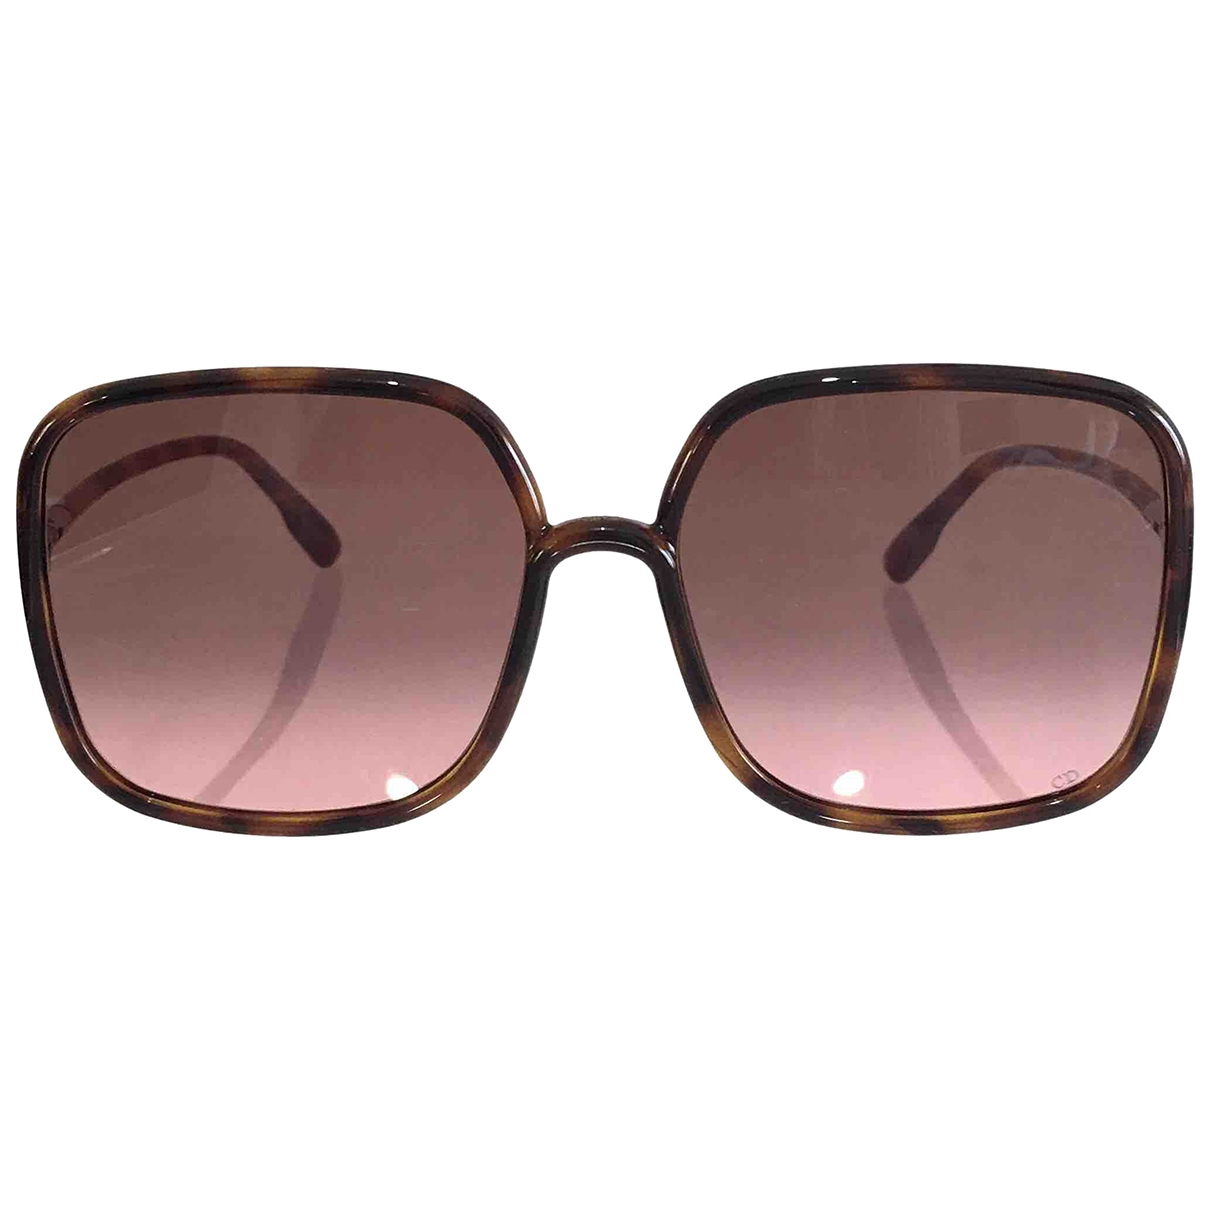 Dior - Lunettes SoStellaire1 pour femme - marron